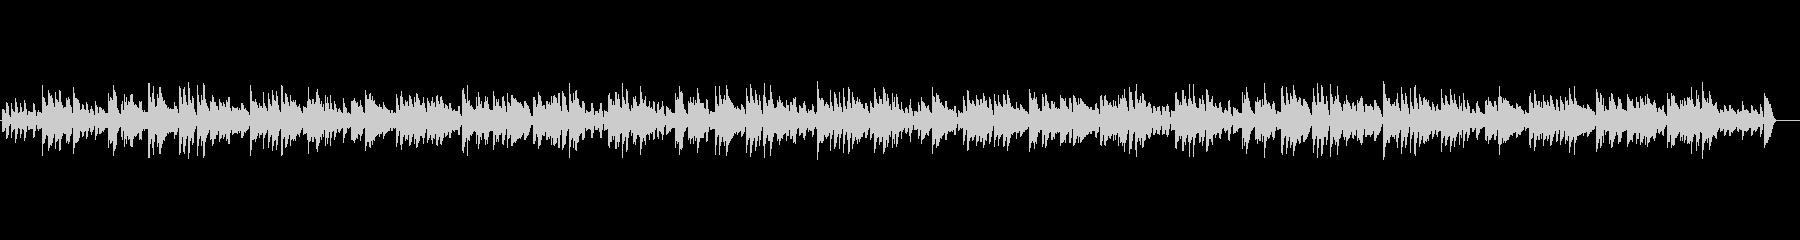 オシャレでシンプルなピアノBGM。の未再生の波形